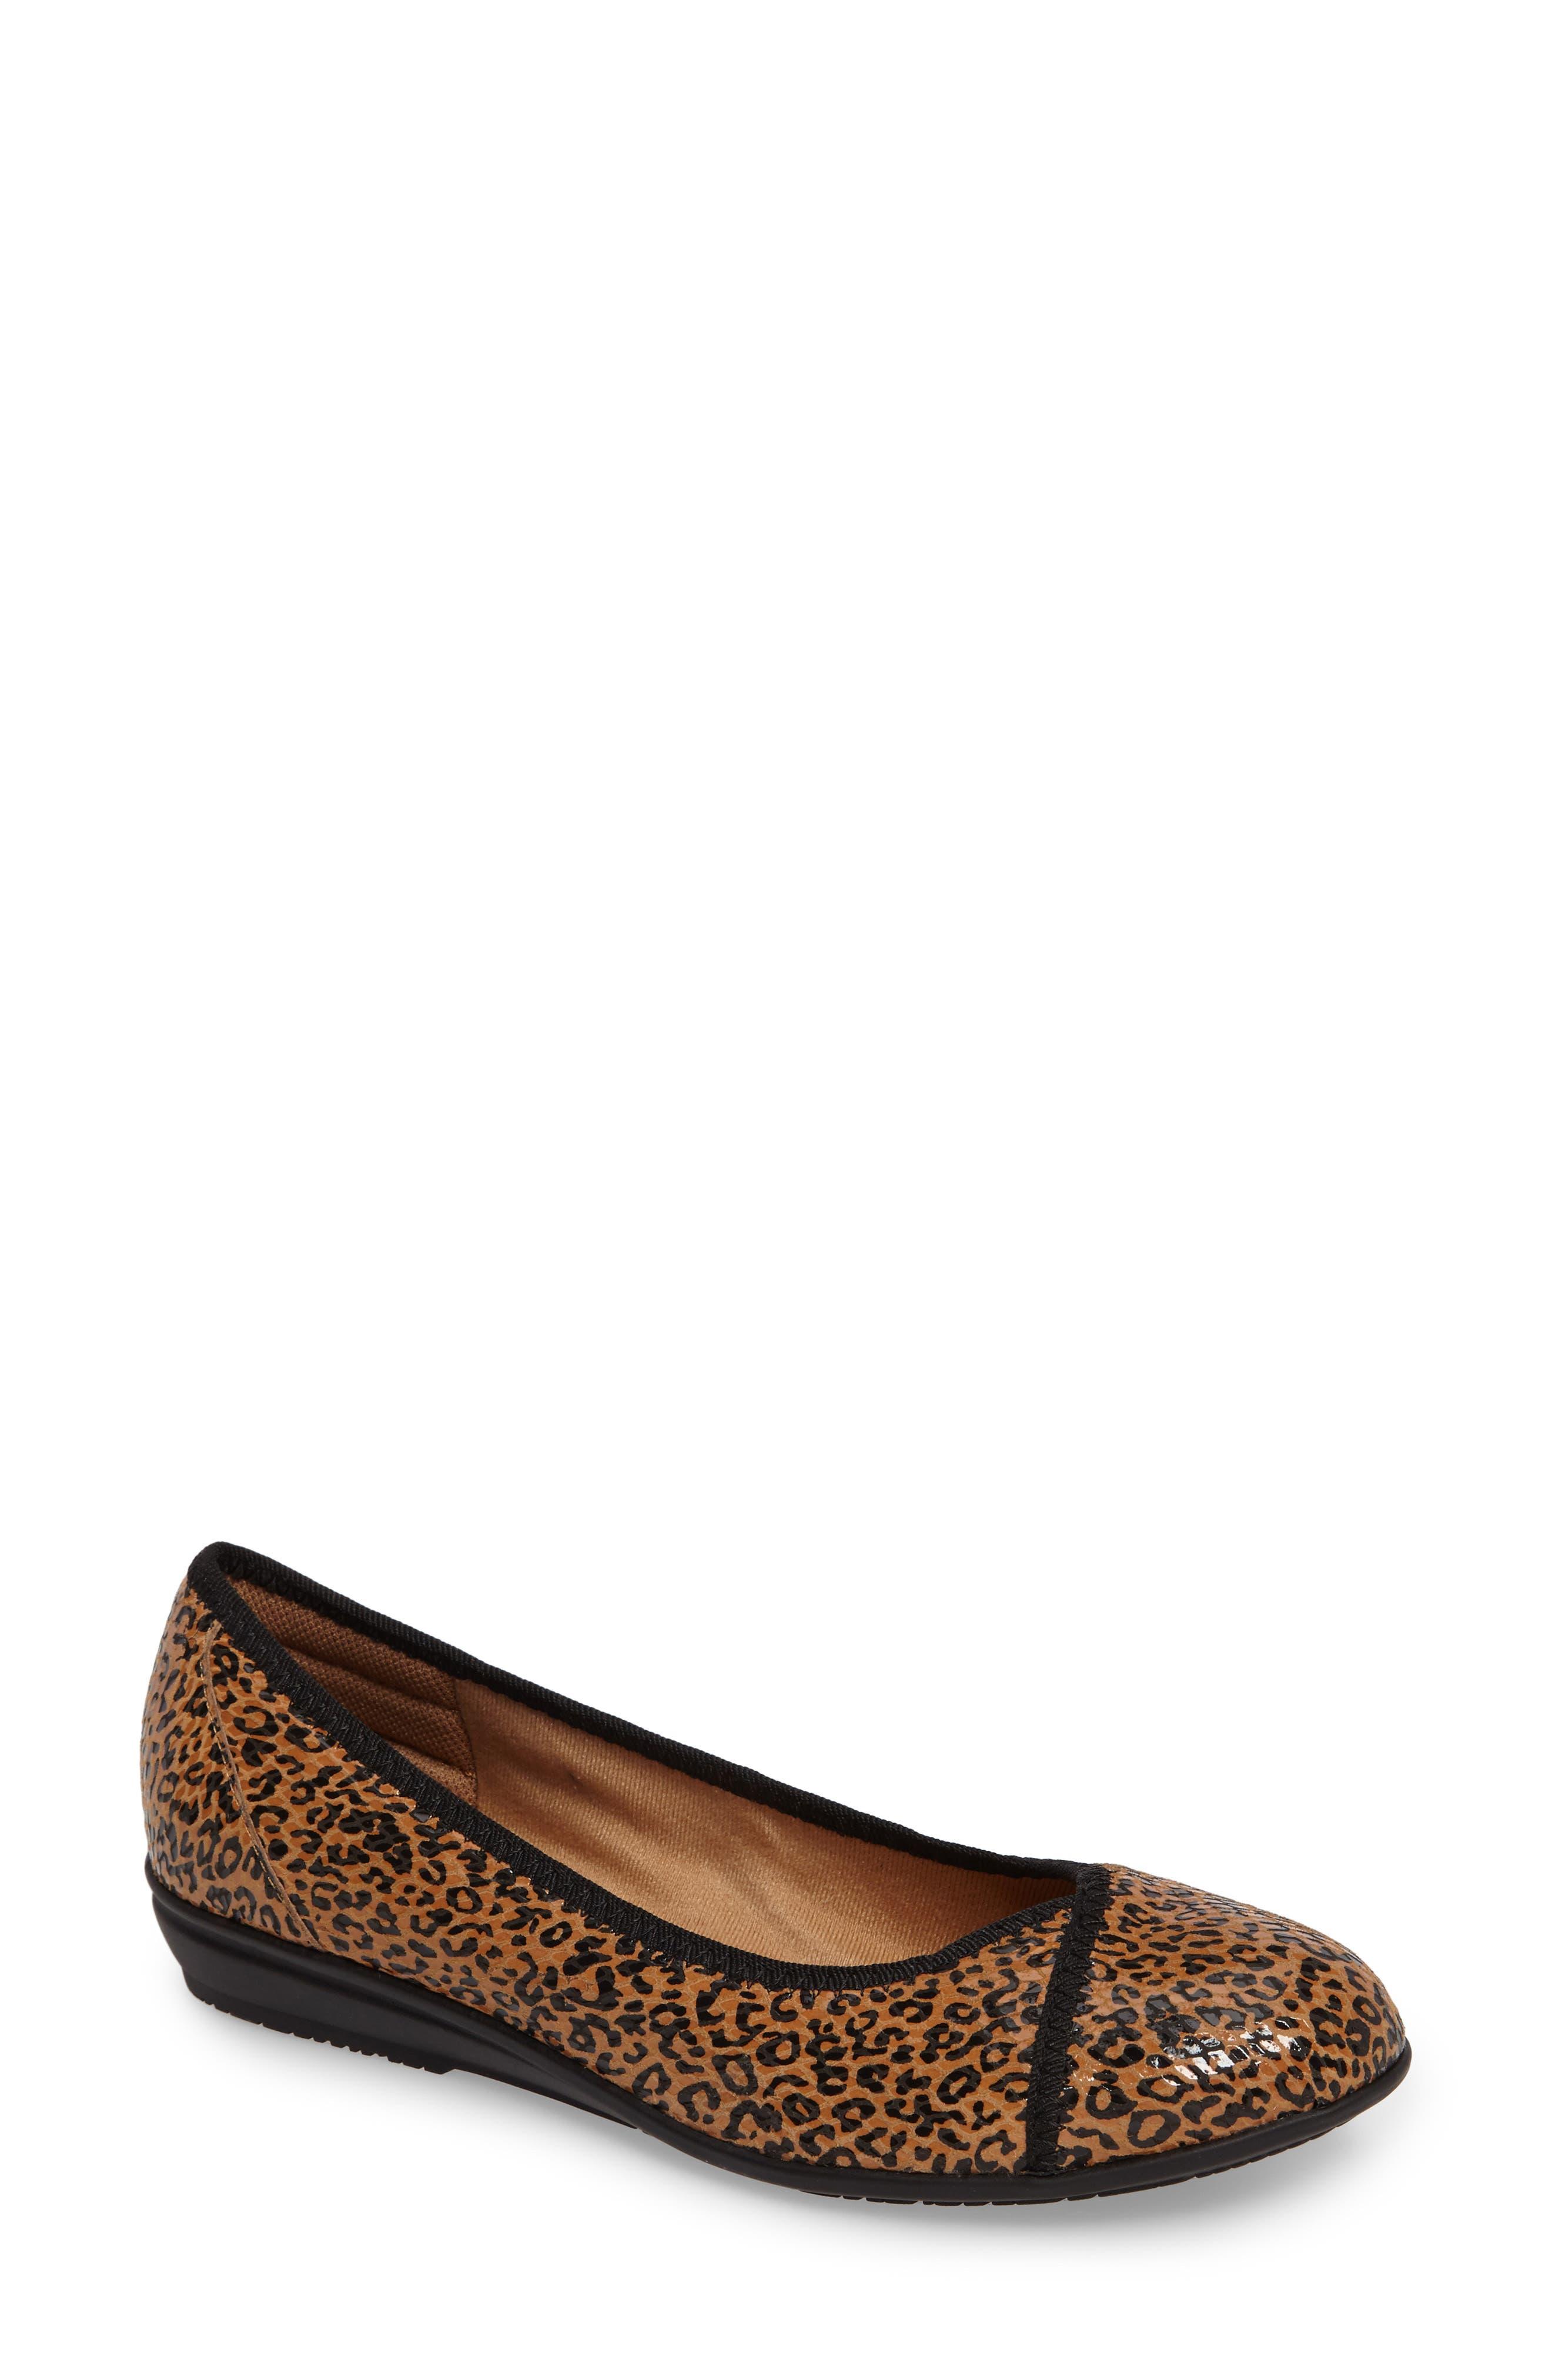 Eaton Flat,                             Main thumbnail 1, color,                             Tan Leopard Suede